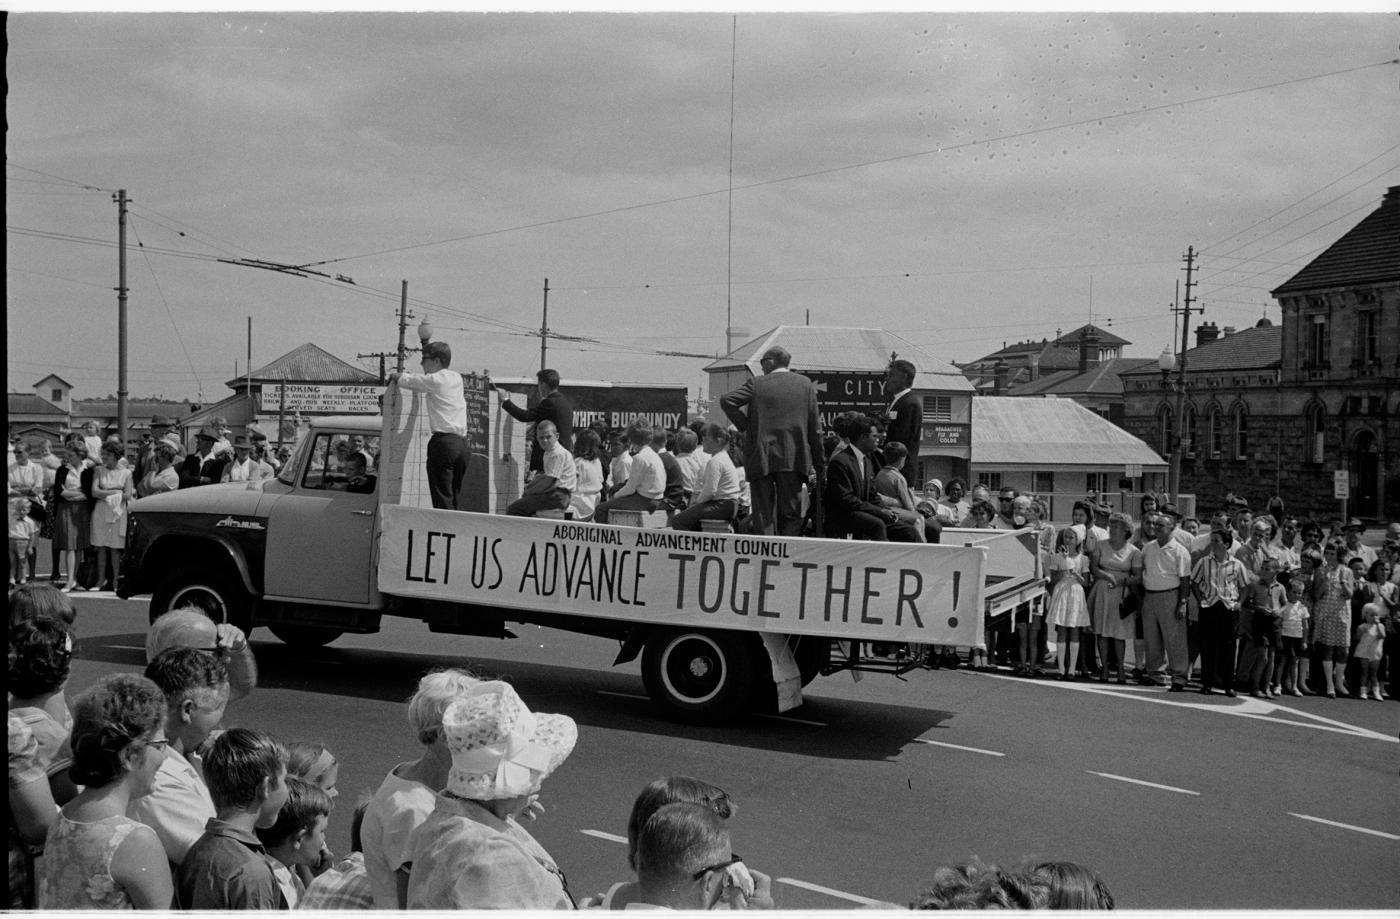 """Aboriginal Advancement Council banner 'Let Us Advance Together!"""""""